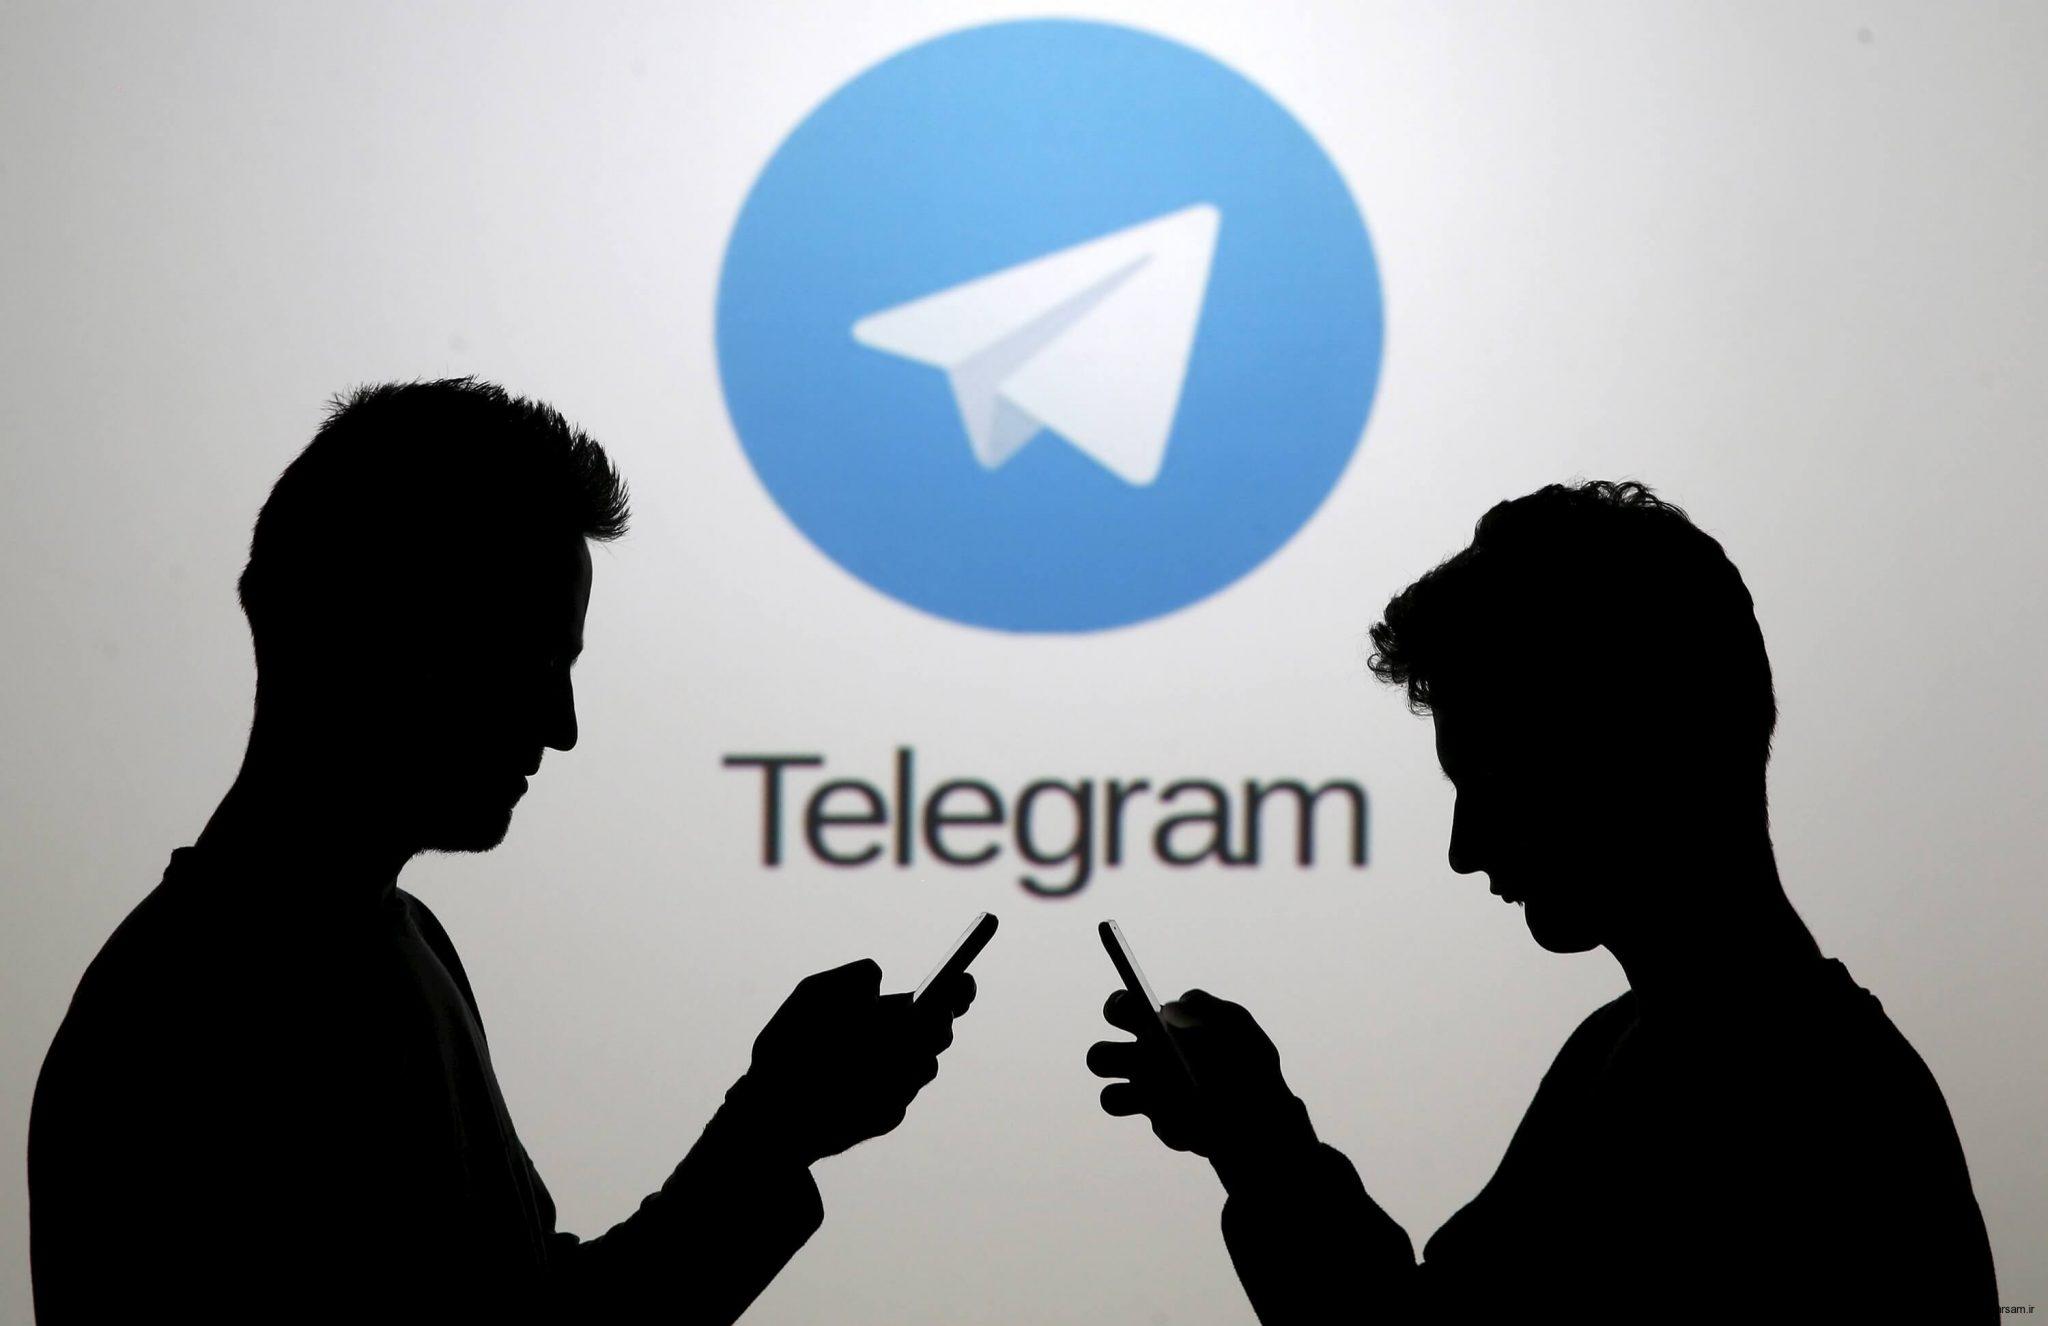 نحوه حذف مخاطب از تلگرام و حذف گروهی مخاطبین تلگرام